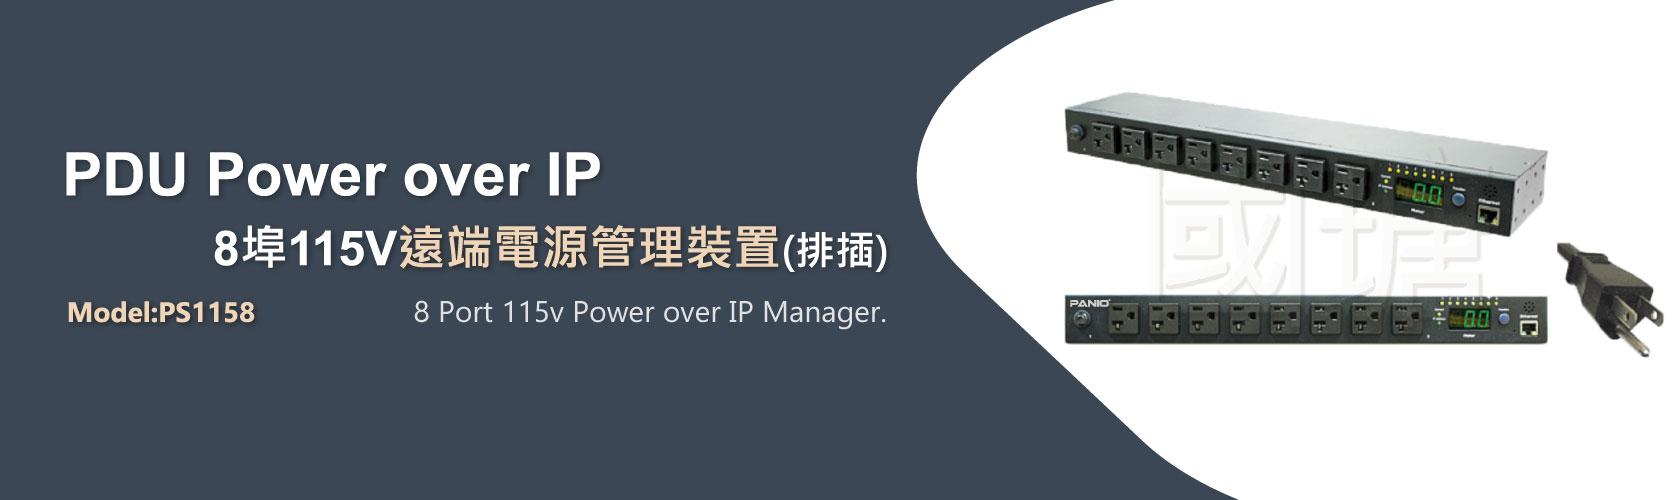 8埠 遠端電源管理裝置 pdu電源分配器 |PANIO國瑭